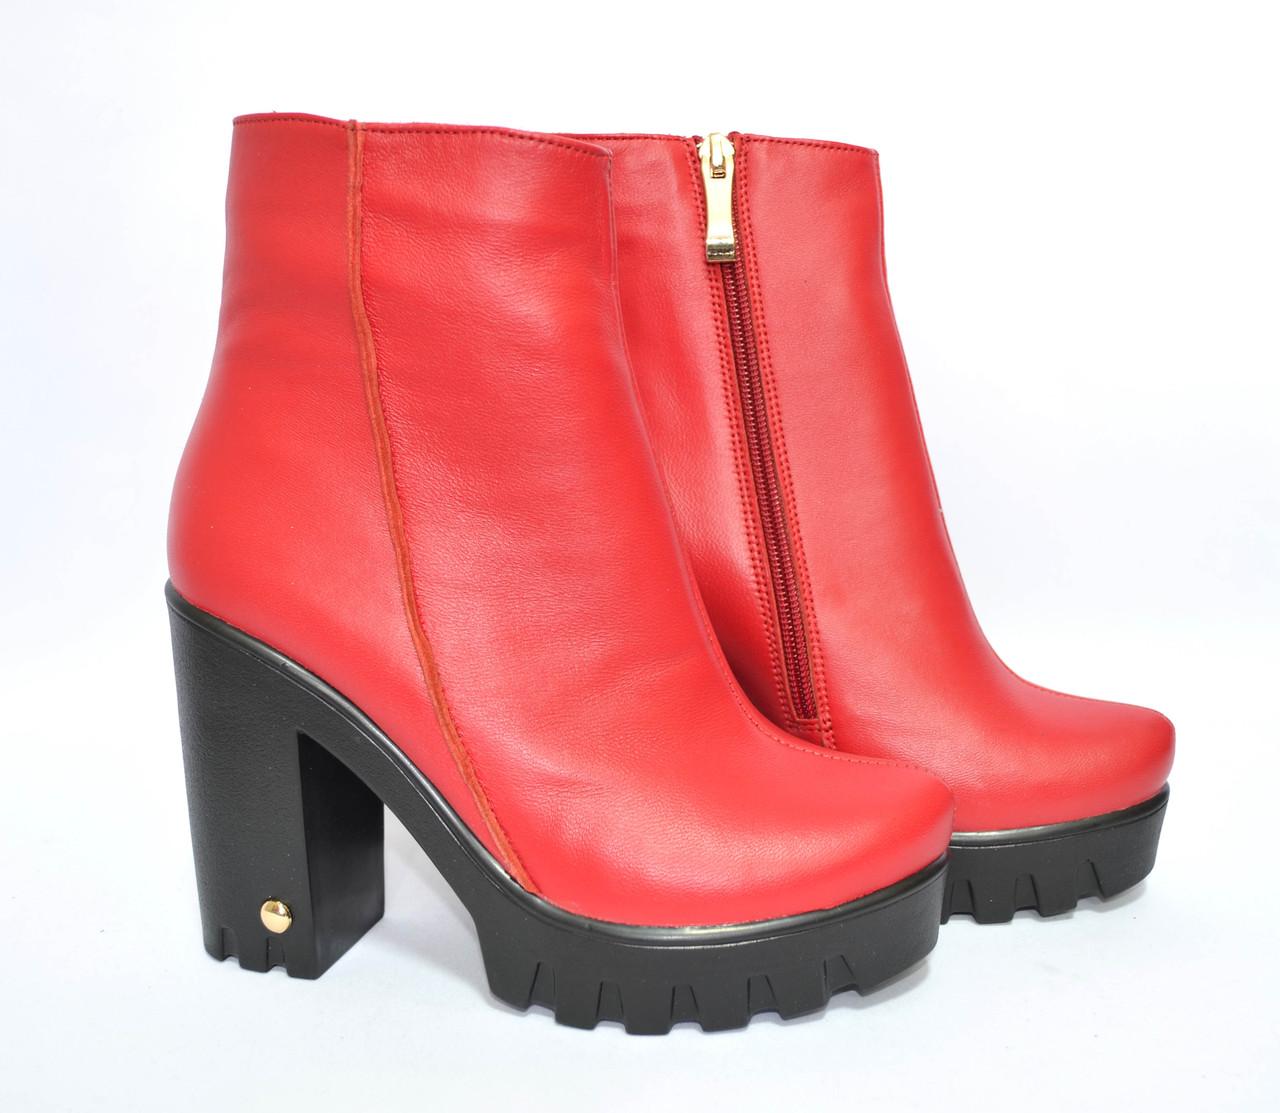 Ботинки женские коралловые на тракторной подошве, натуральная кожа. Зимний вариант